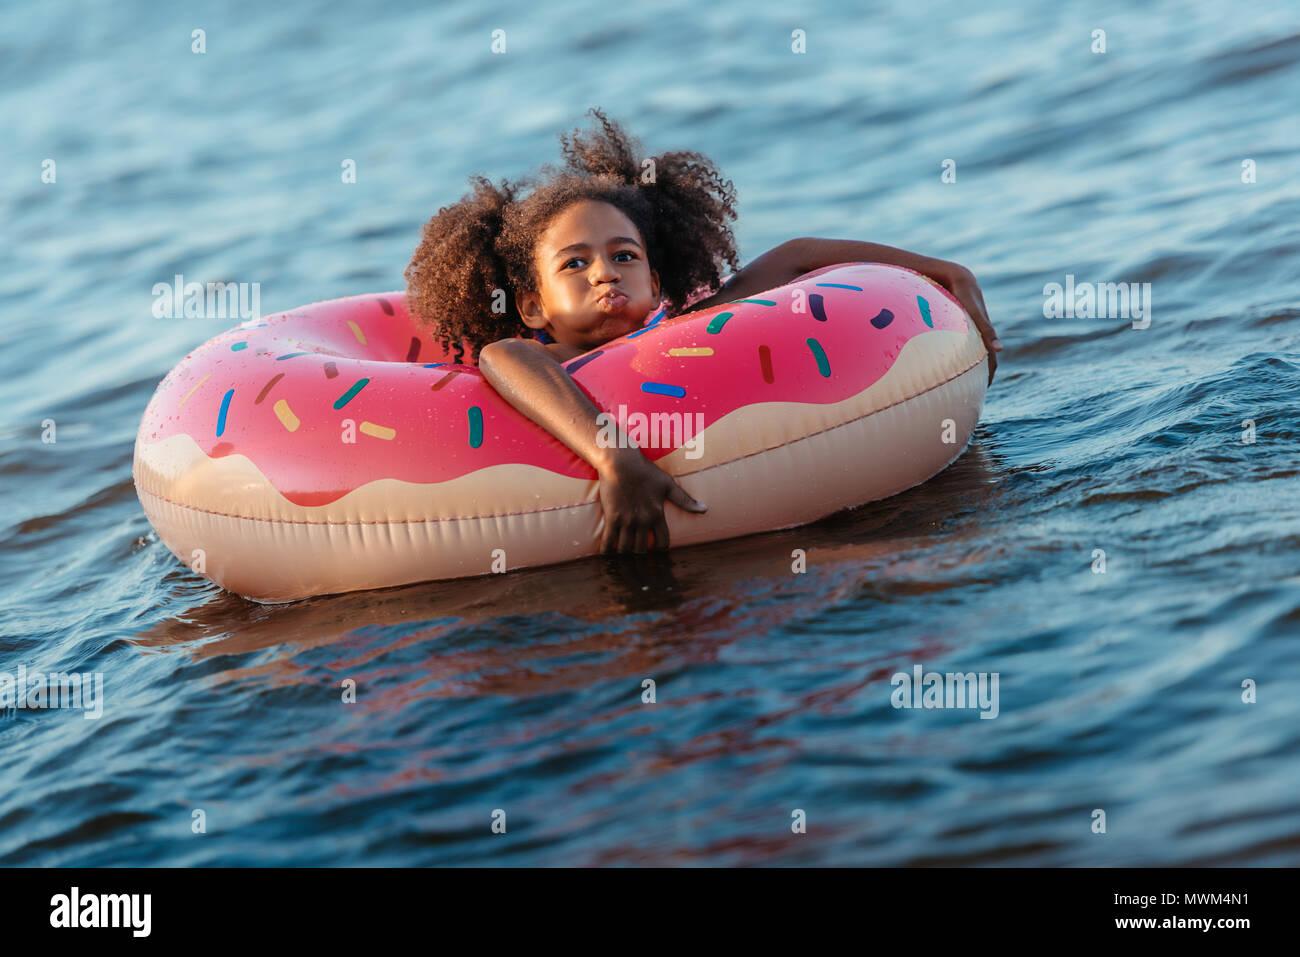 Carino African American Girl nuotare in un anello in gomma e sorridente in telecamera Immagini Stock